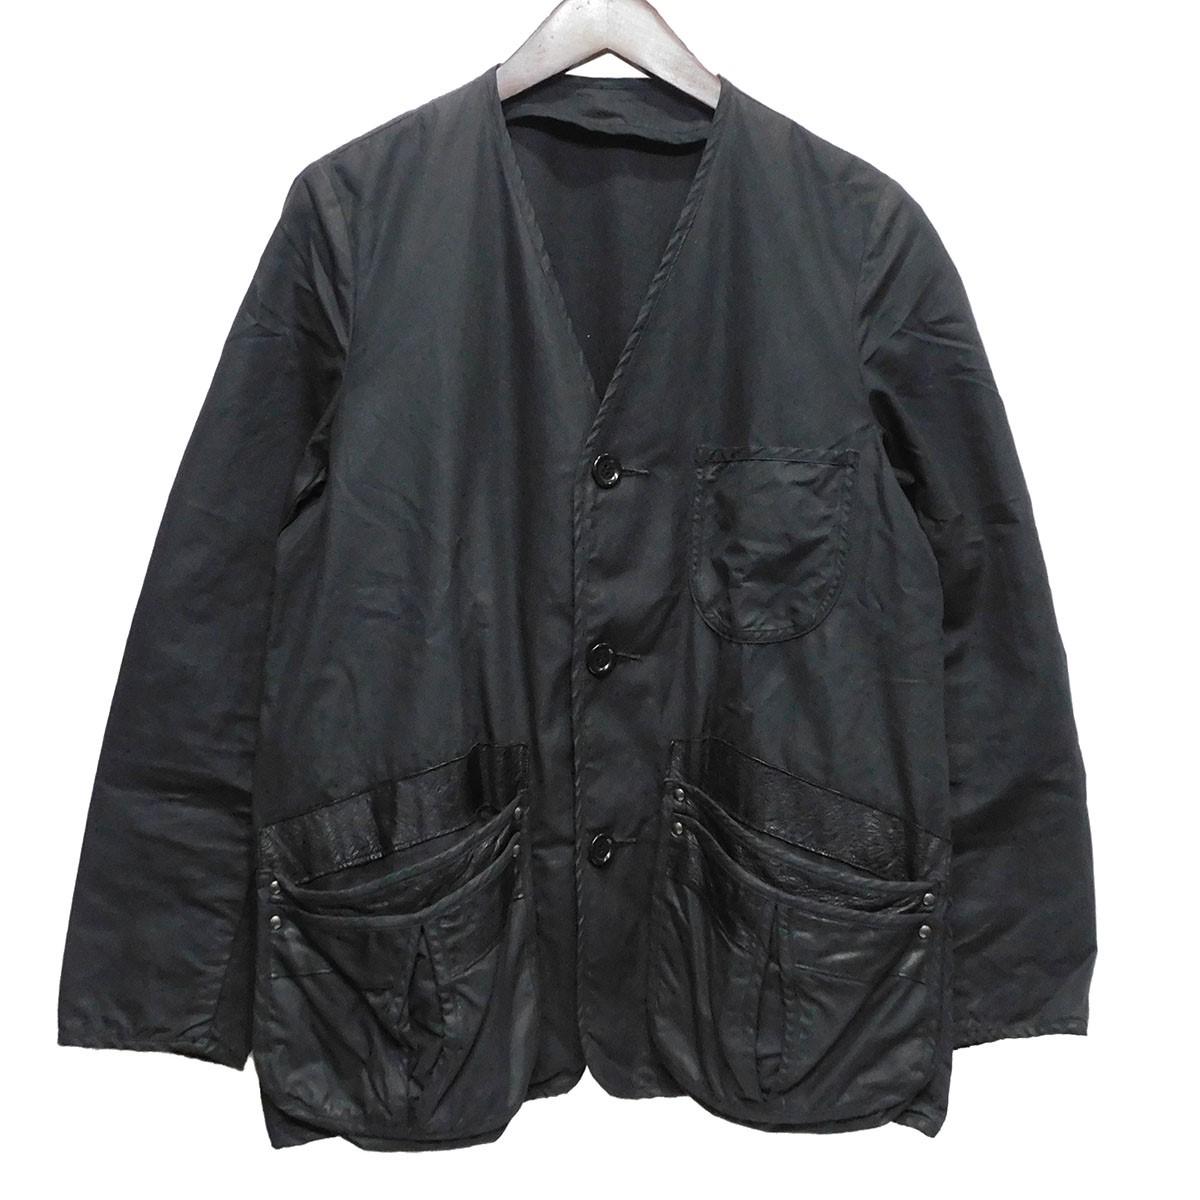 【中古】south2west8 オイルドノーカラージャケット ブラック サイズ:S 【230420】(サウストゥーウエストエイト)